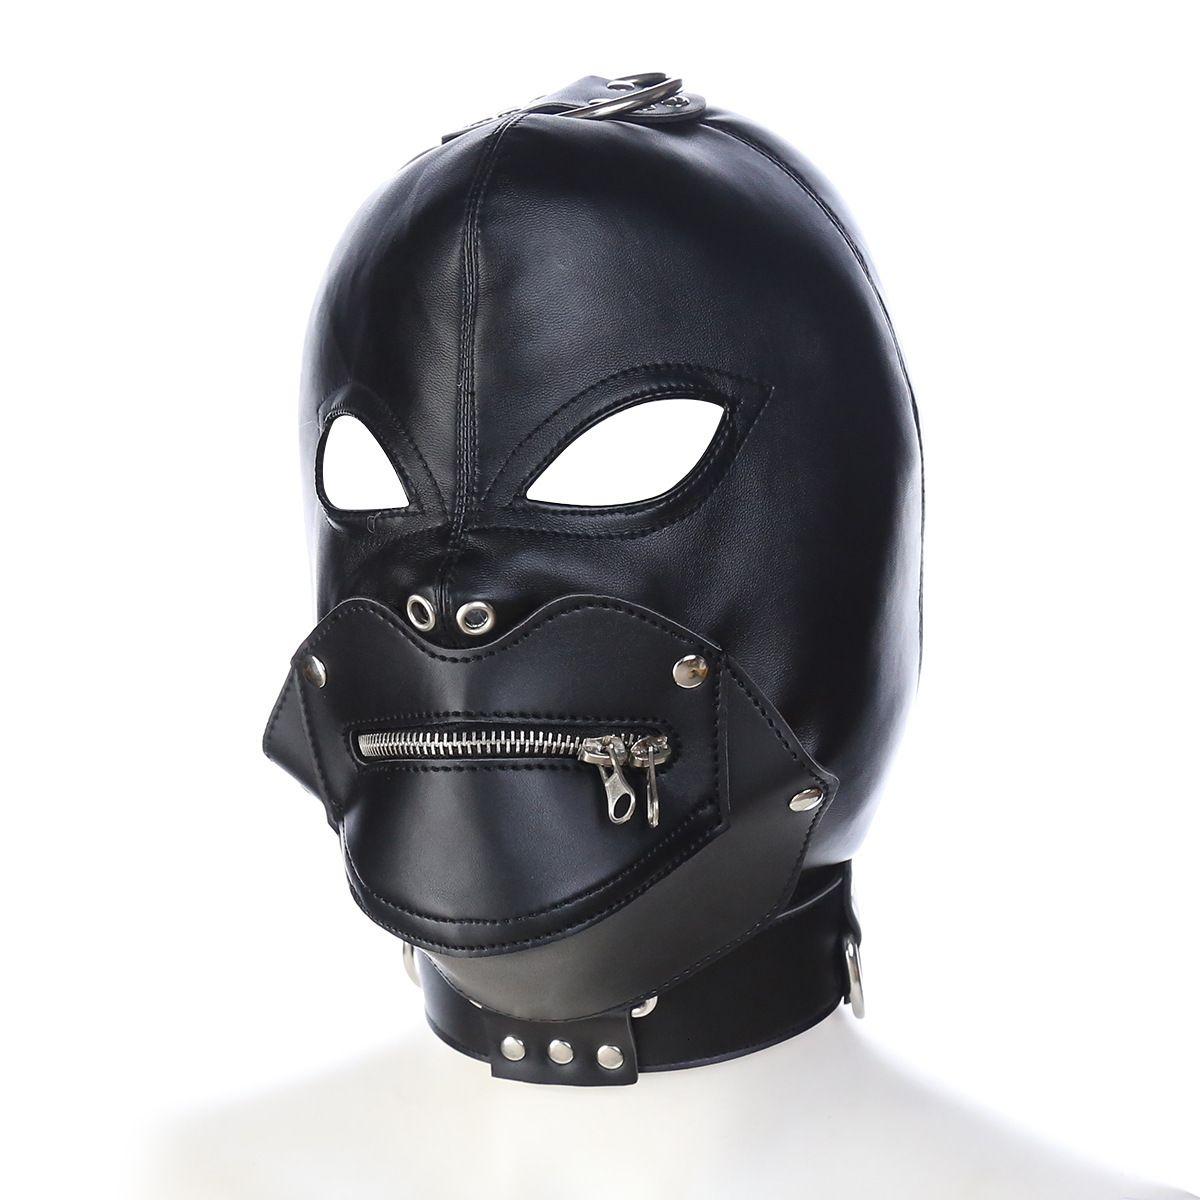 Jeux Pu Adult Sex Headhood Produits Sex tête Hoods tête Masques adultes Jouets pour couple et amoureux